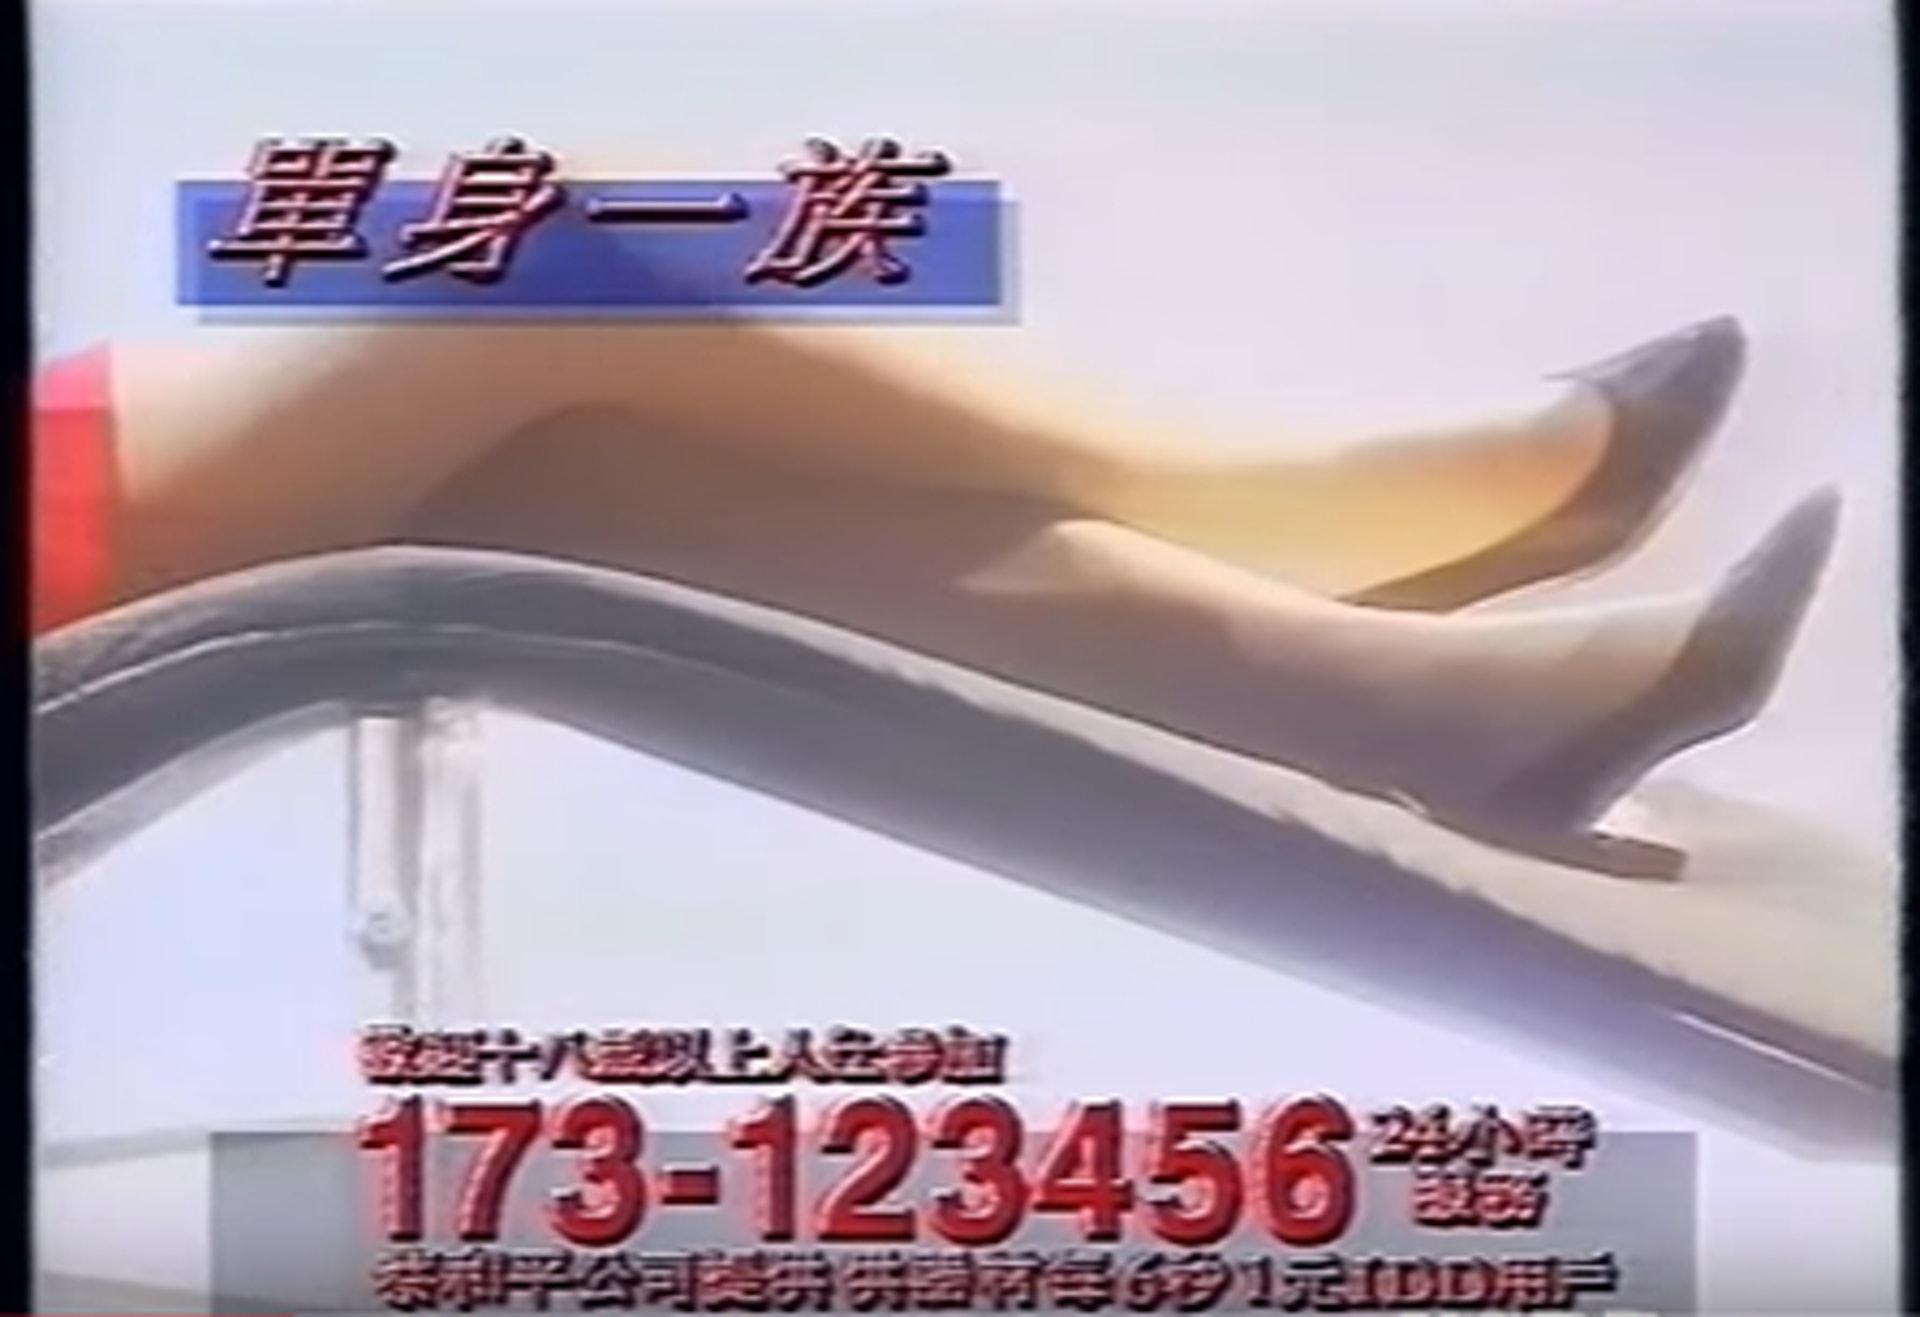 1990年代性愛電話服務大行其道,有公司甚至在電視賣廣告;有人以為當中多是騙人,Sugar卻是曾付出感情、開解男人心事的接線生。(網上截圖)